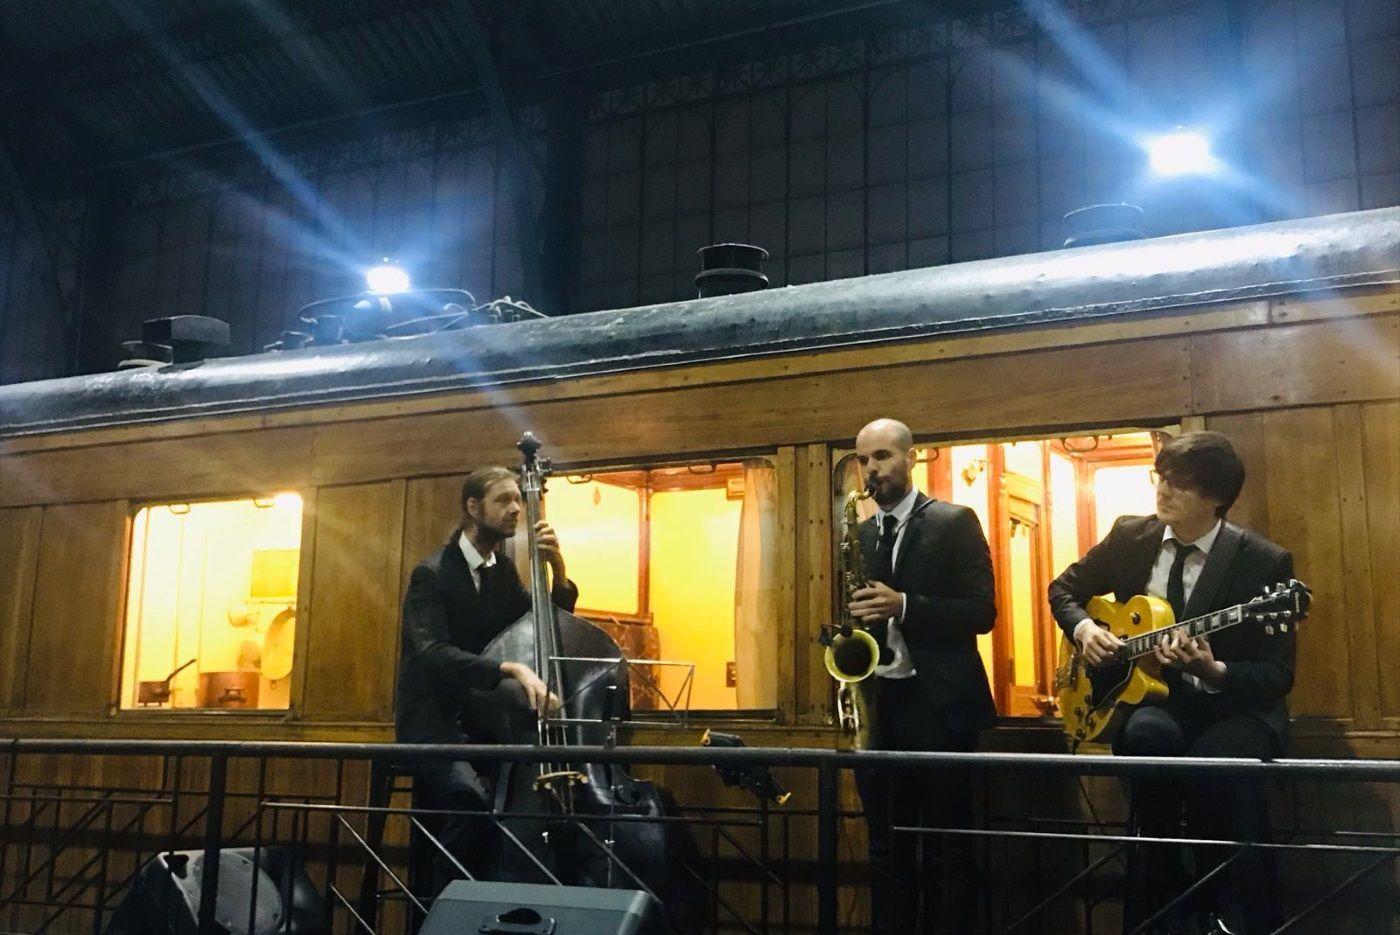 Dancem Espectáculos y su trío de jazz en el Museo de Ferrocarril de Madrid